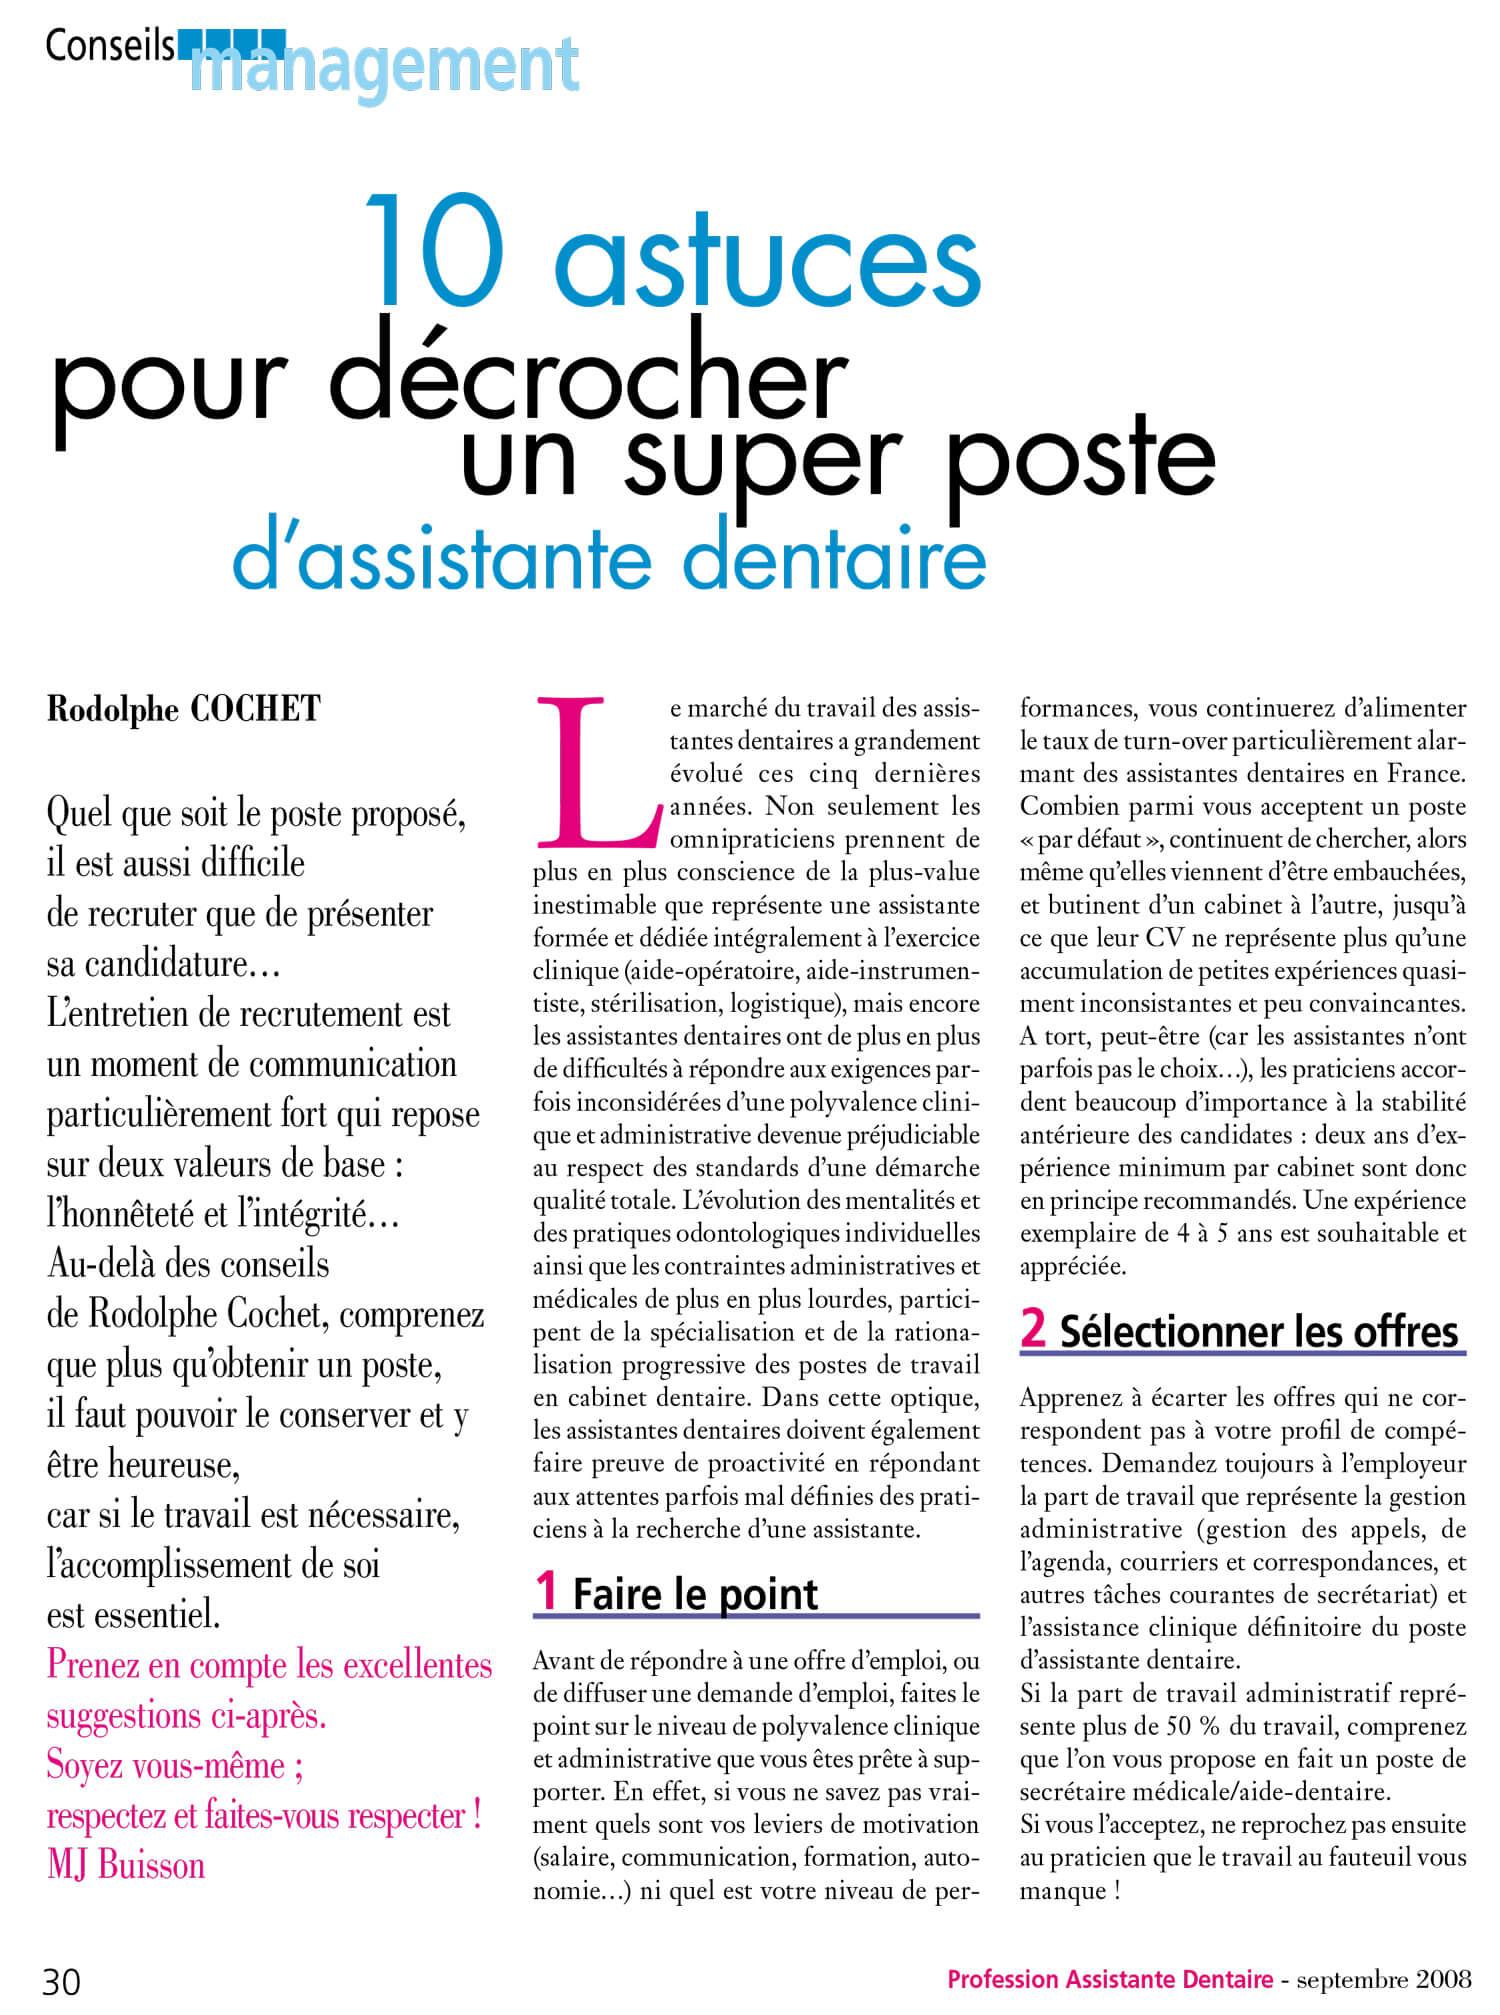 Profession_Assistante_Dentaire_10_astuces_pour_decrocher_un_super_poste_assistante_dentaire.jpg